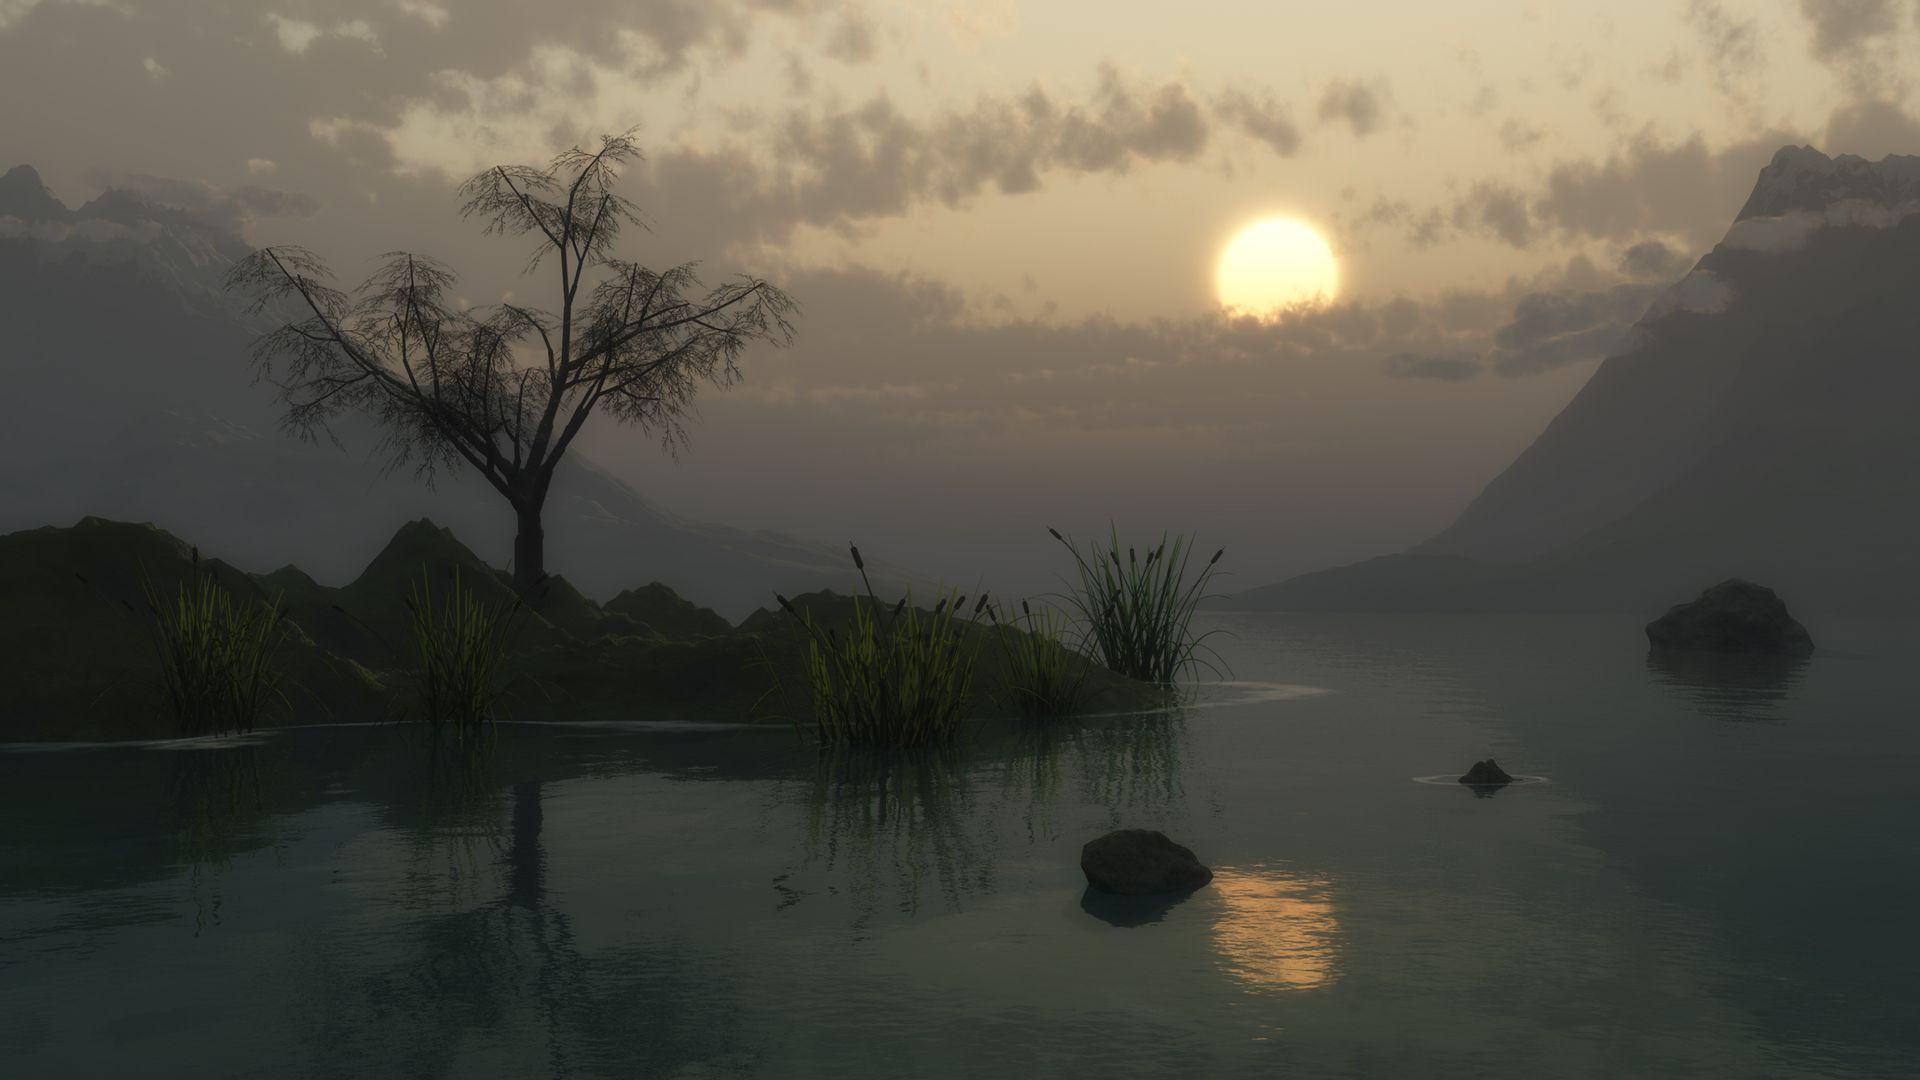 озеро сумерки the lake twilight бесплатно